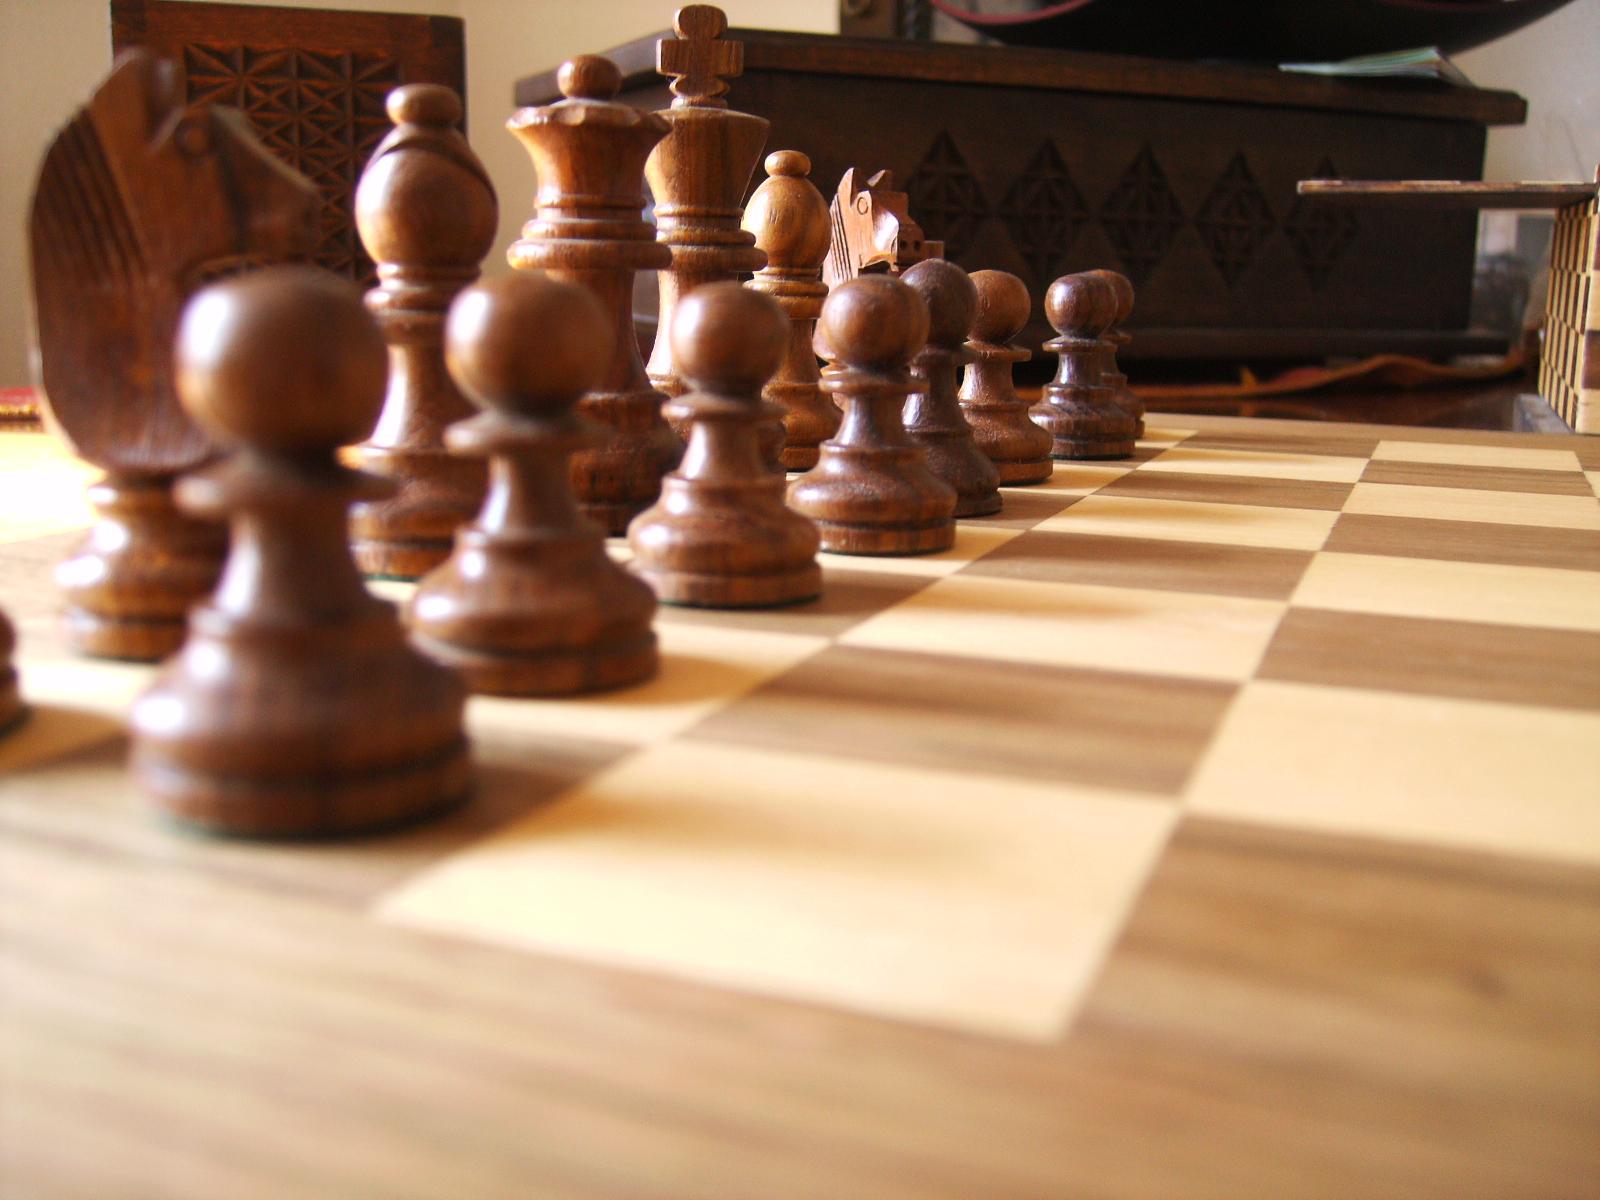 Juego madera ajedrez tablero fichas y caja - Tablero perforado madera ...